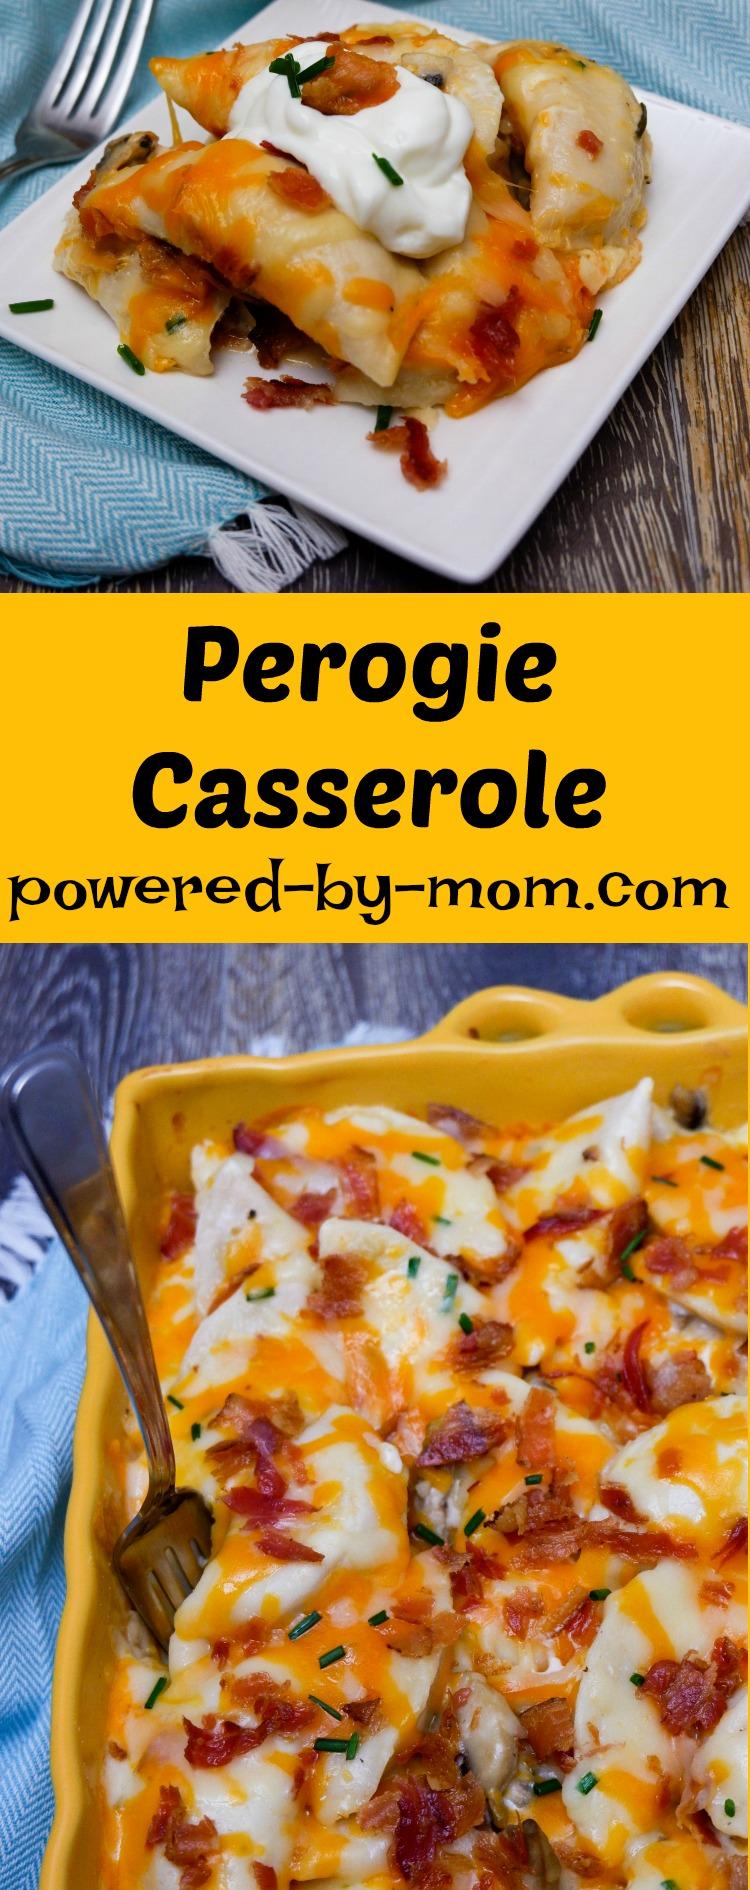 perogie casserole